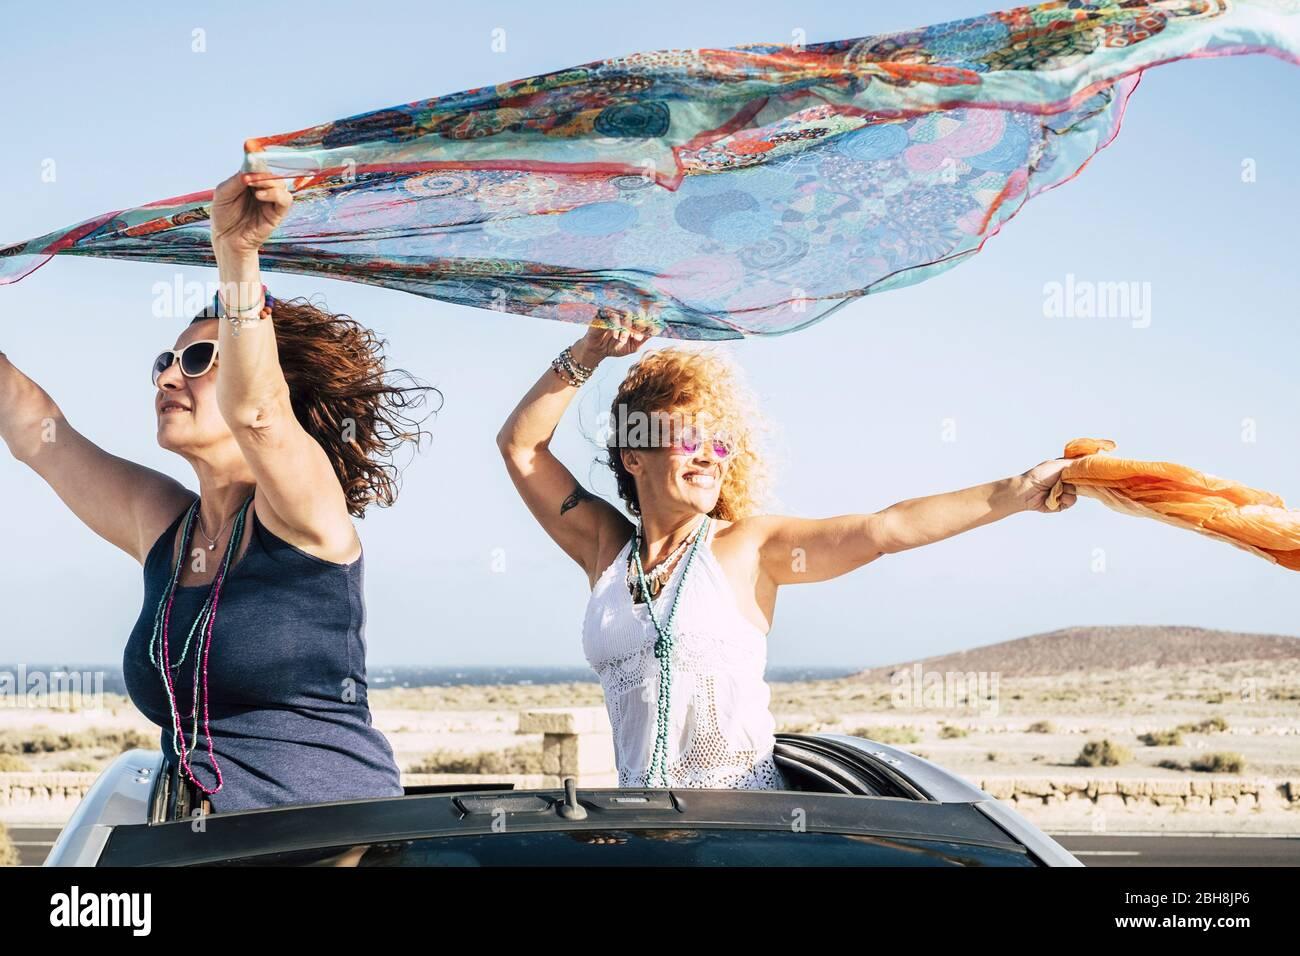 Ein paar Frauen haben Spaß und spielen mit dem Wind, der aus der Spitze eines Cabrios steht und mit dem Wind mit farbigen Pareos spielt - fröhliche Menschen, die unterwegs sind und im Urlaub die Natur genießen Stockfoto